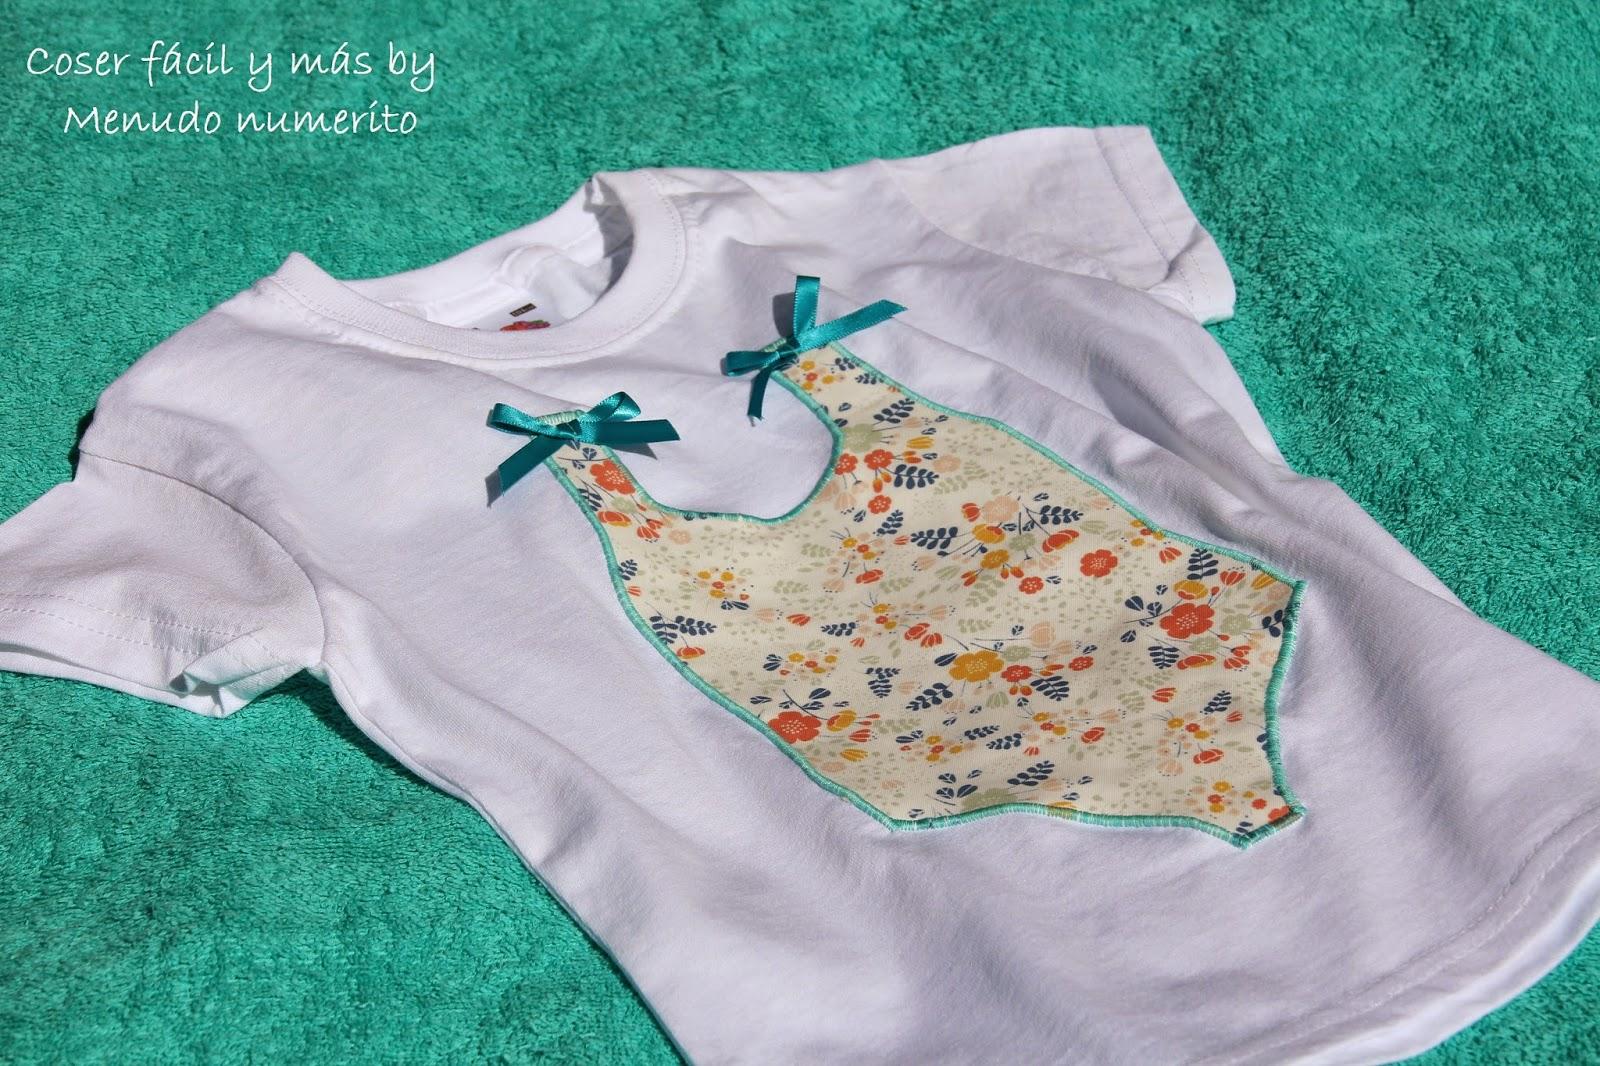 El Blog De Coser F Cil Y M S By Menudo Numerito Costura  ~ Ideas Para Decorar Camisetas Infantiles